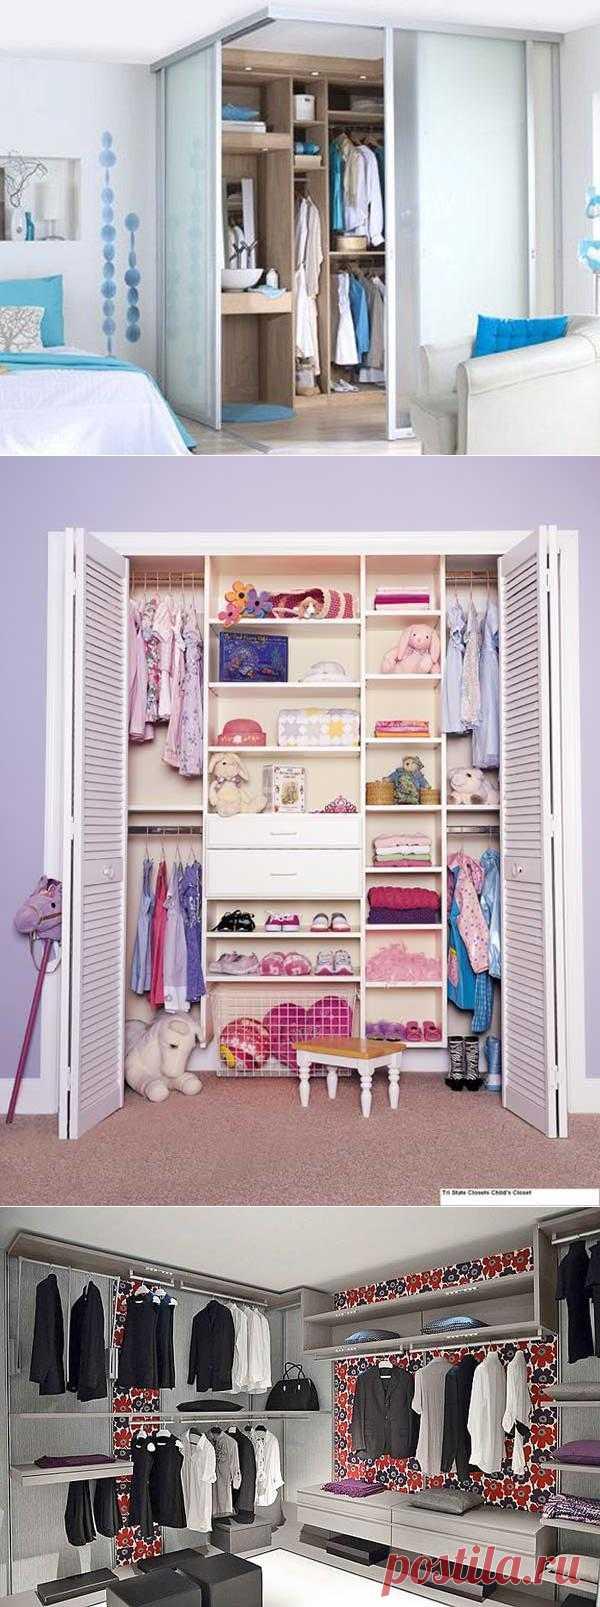 Сто идей и проектов для шкафов и гардеробных, которые экономят пространство и ваши деньги. Эффективно распланированная гардеробная много стоит!